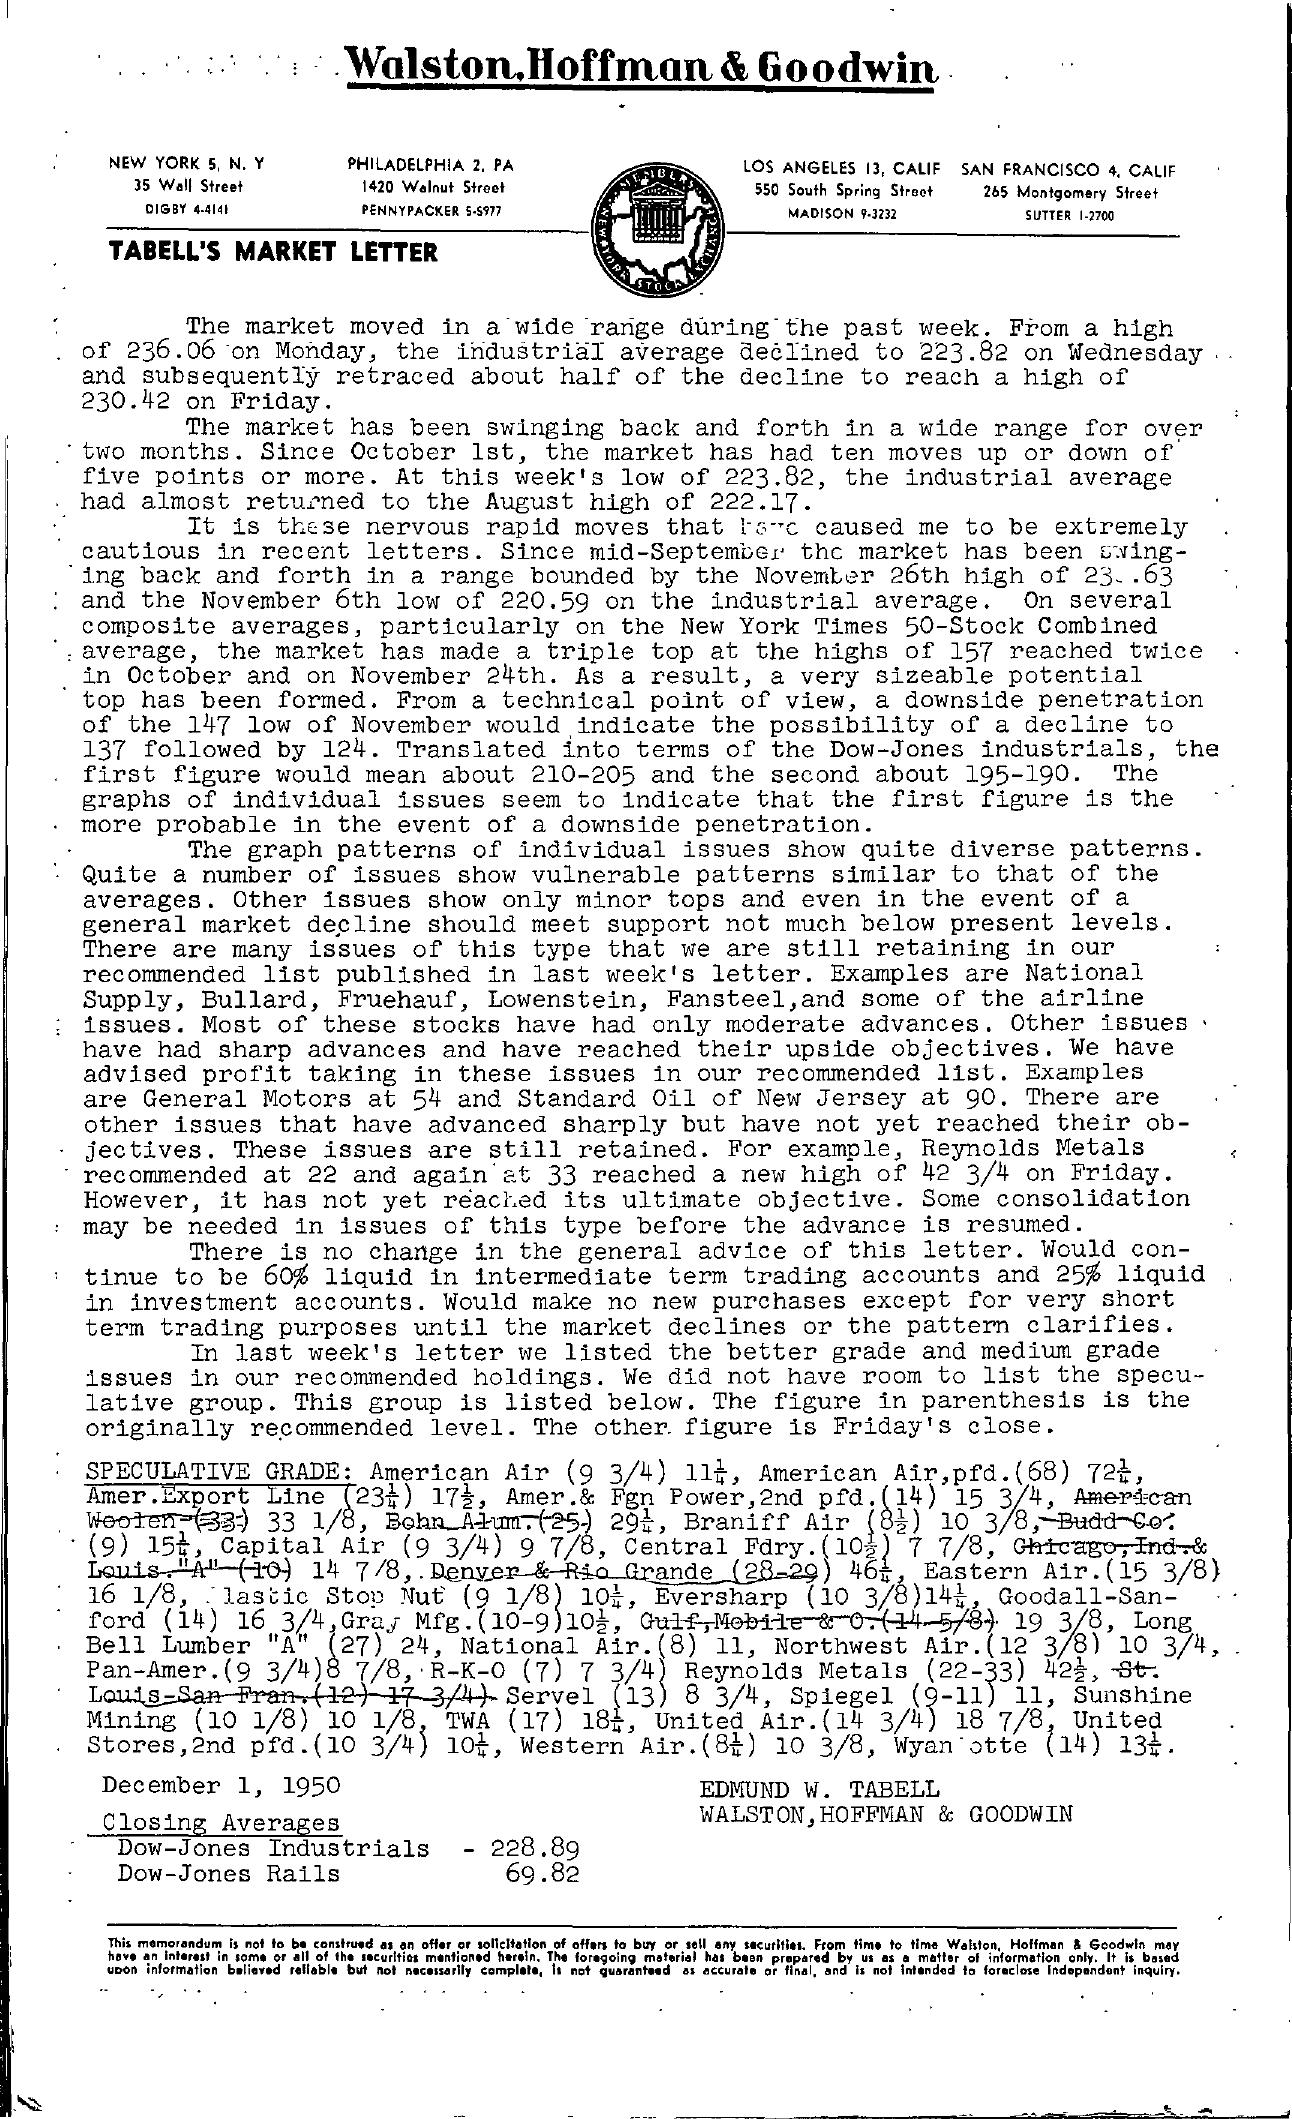 Tabell's Market Letter - December 01, 1950